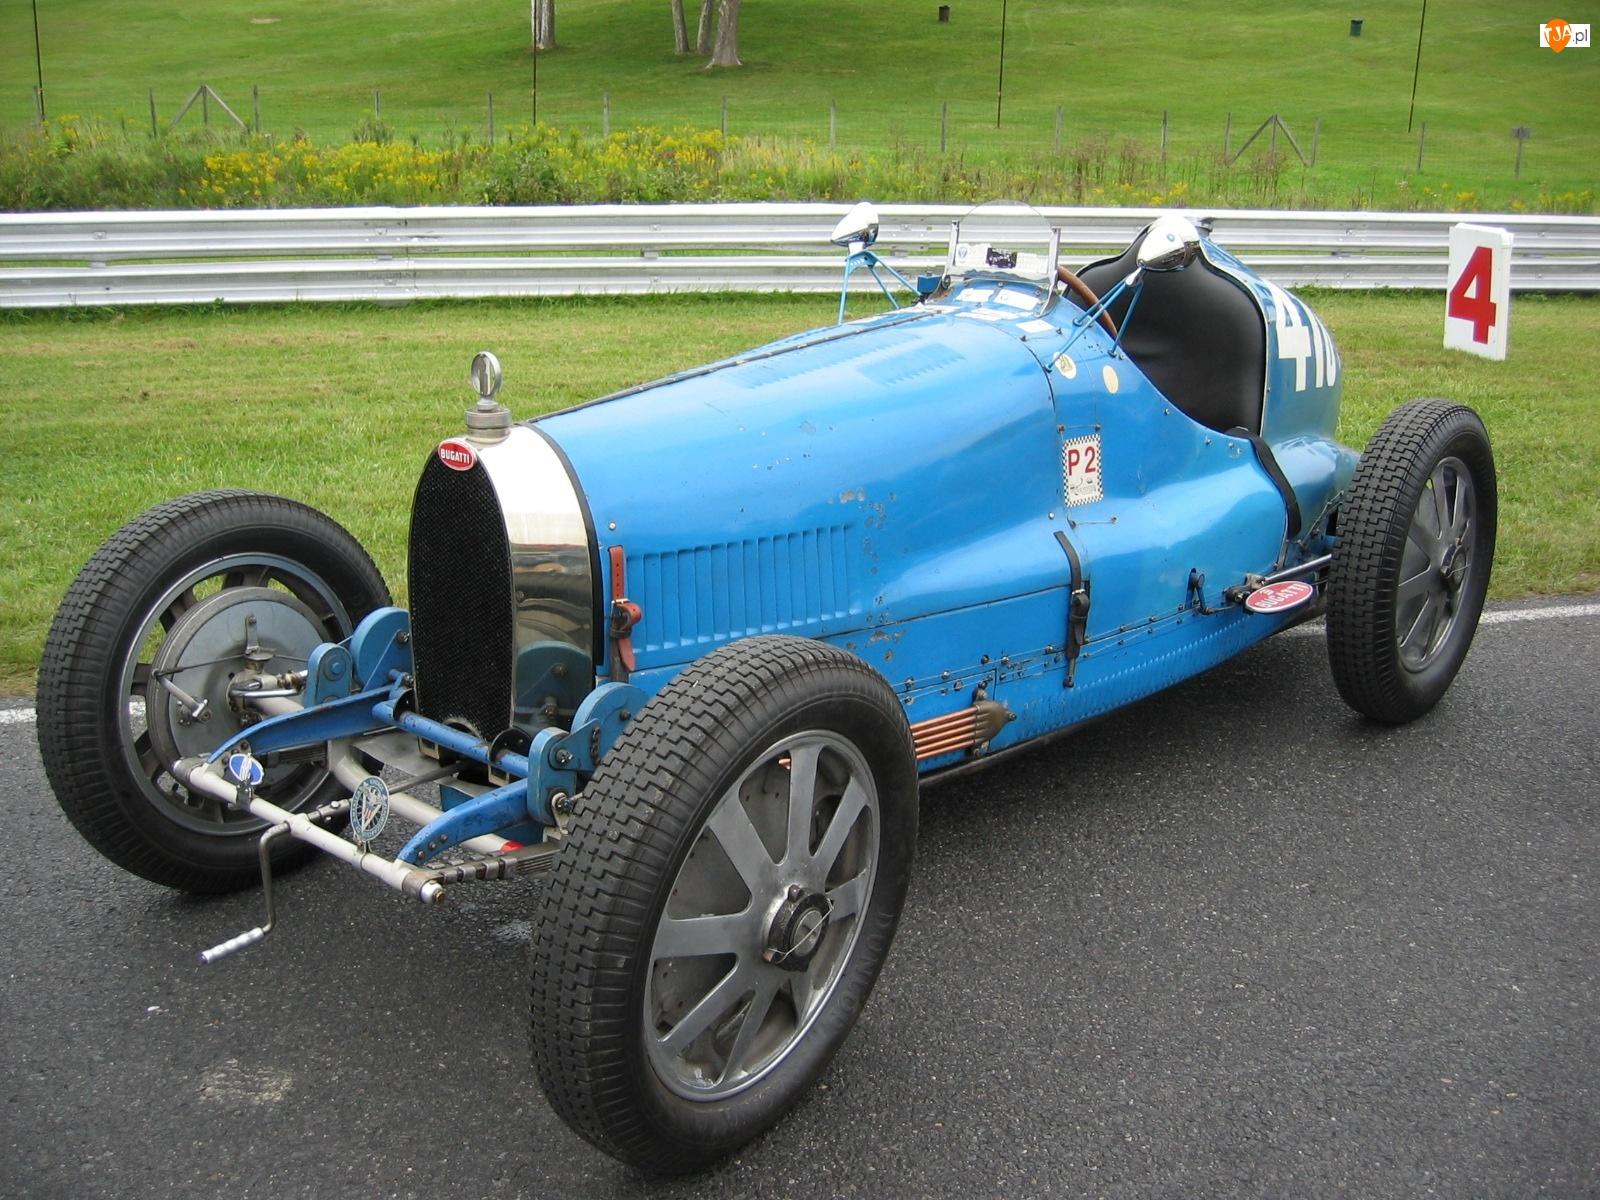 Felgi, Bugatti, Opony, Światła, Koła